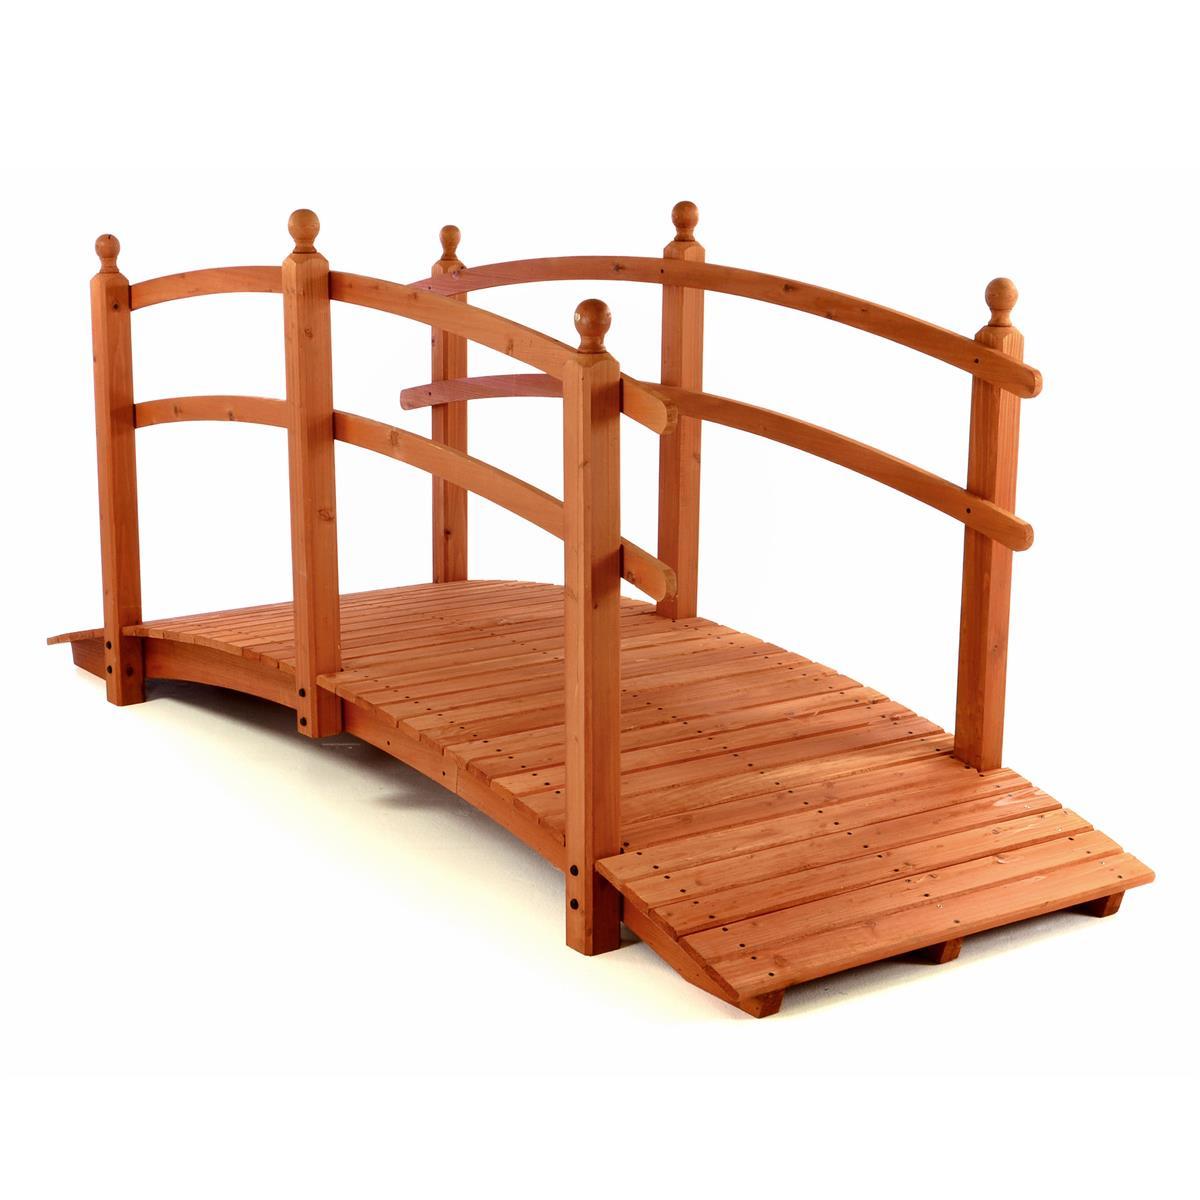 große Holzbrücke XXL Teichbrücke 250x90x110 mit Geländer rot braun Gartenbrücke